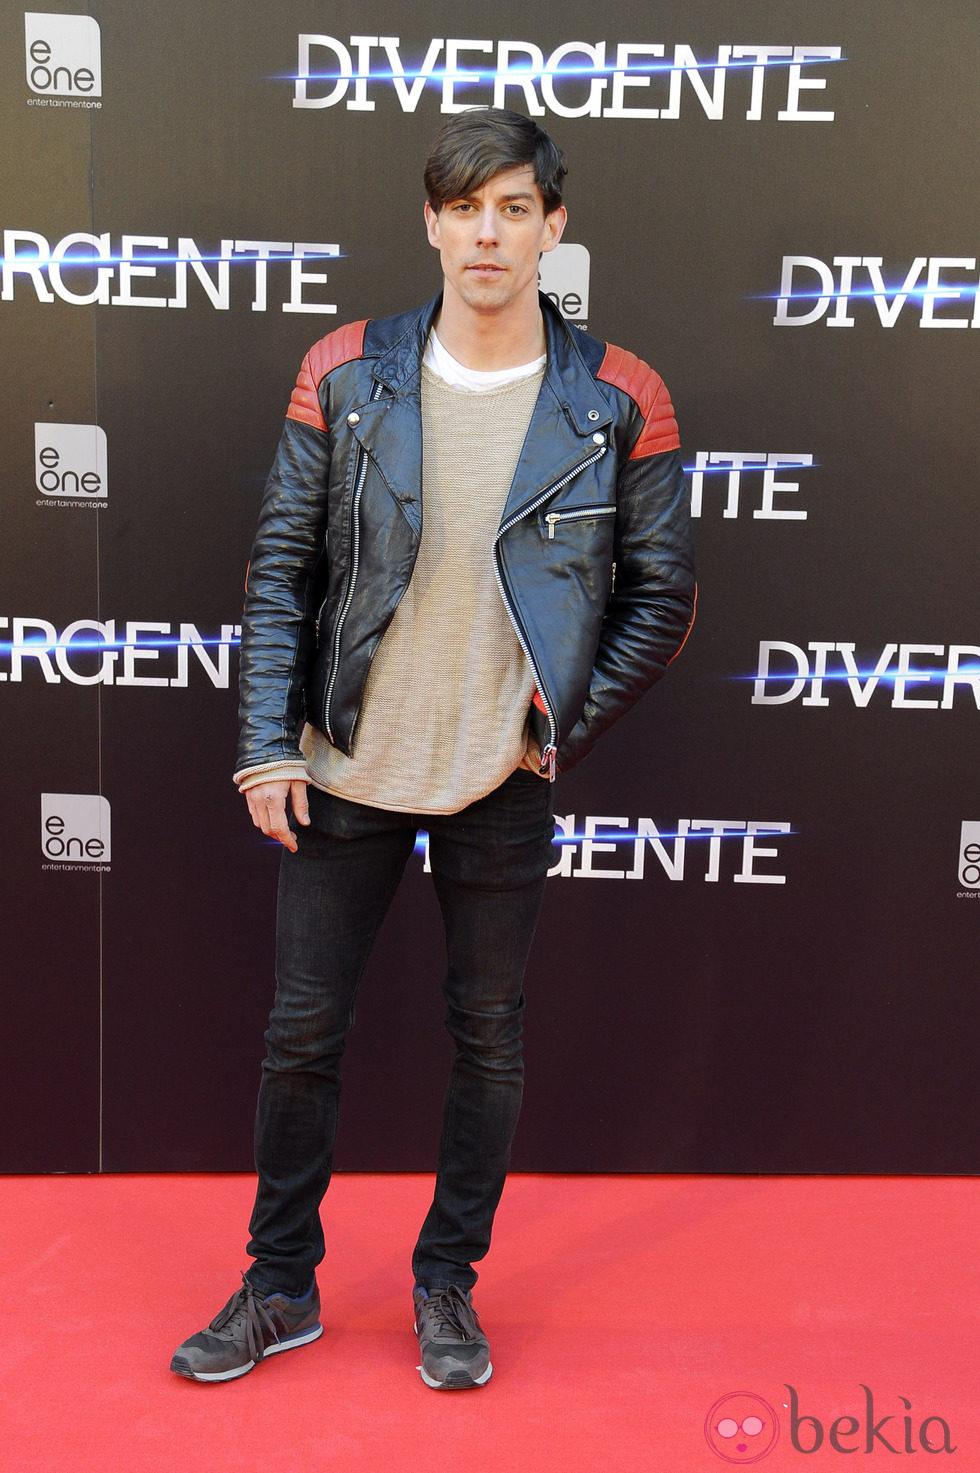 Adrián Lastra en el estreno de 'Divergente' en Madrid